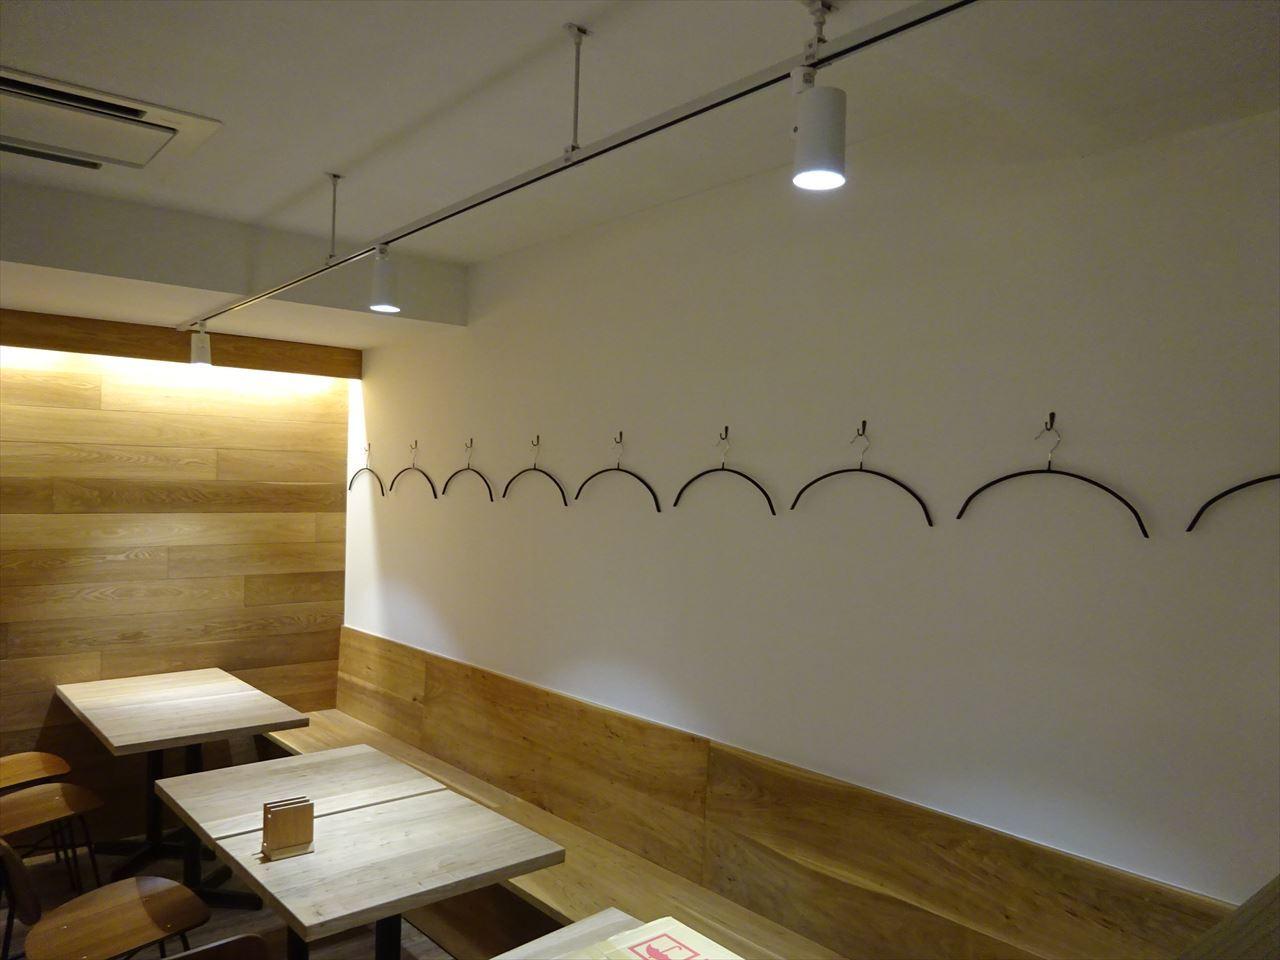 ベアレン醸造所様 駅前新店舗開店工事 工事完了へ!_f0105112_06411849.jpg